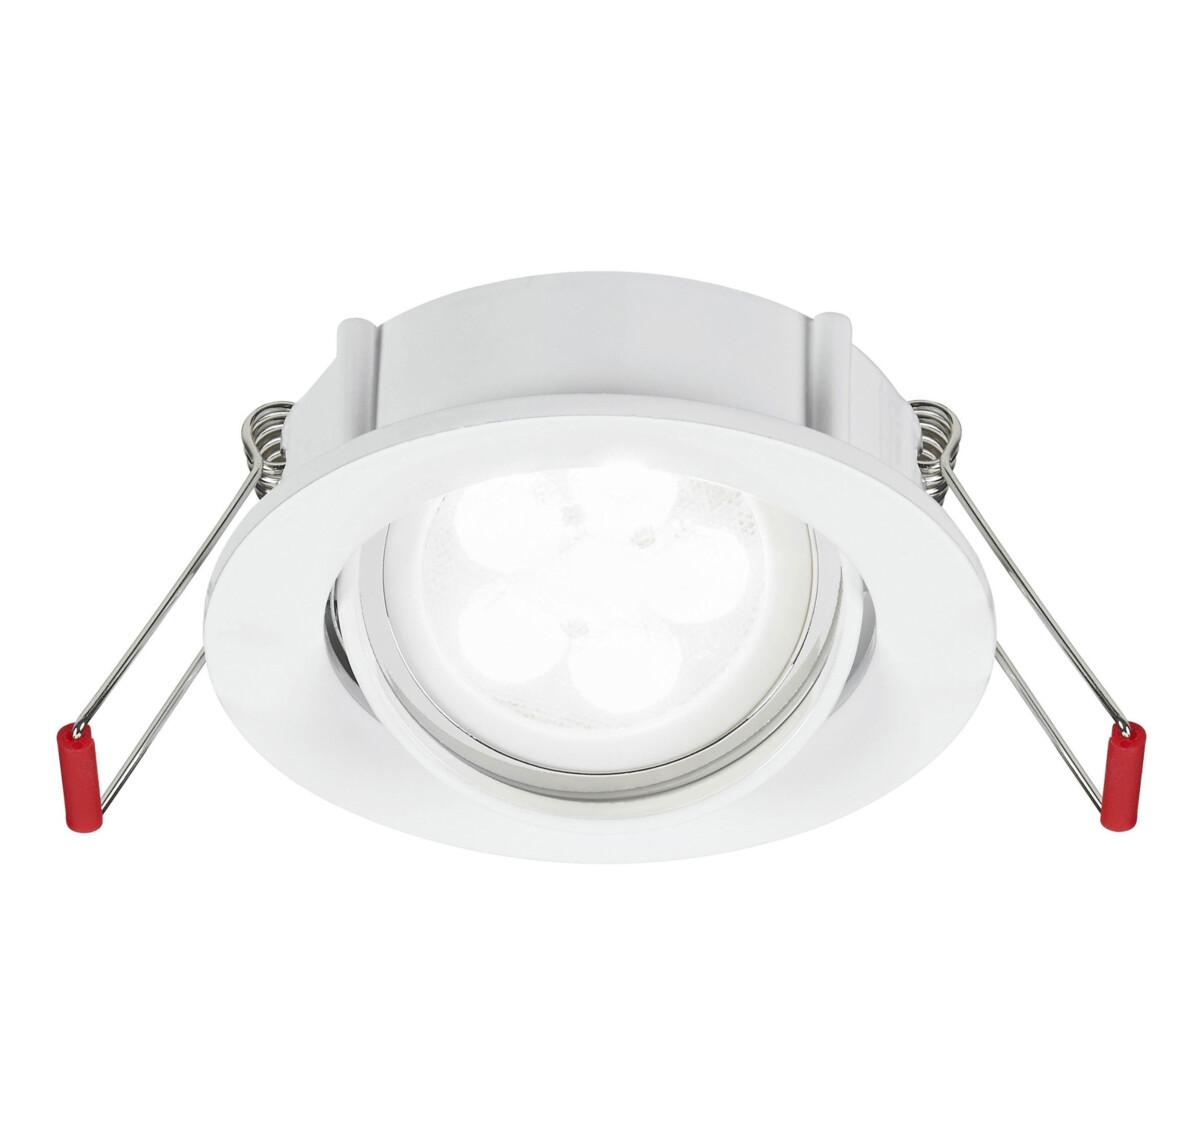 LED-uppospotti Nürnberg III - täydentävä valaisin